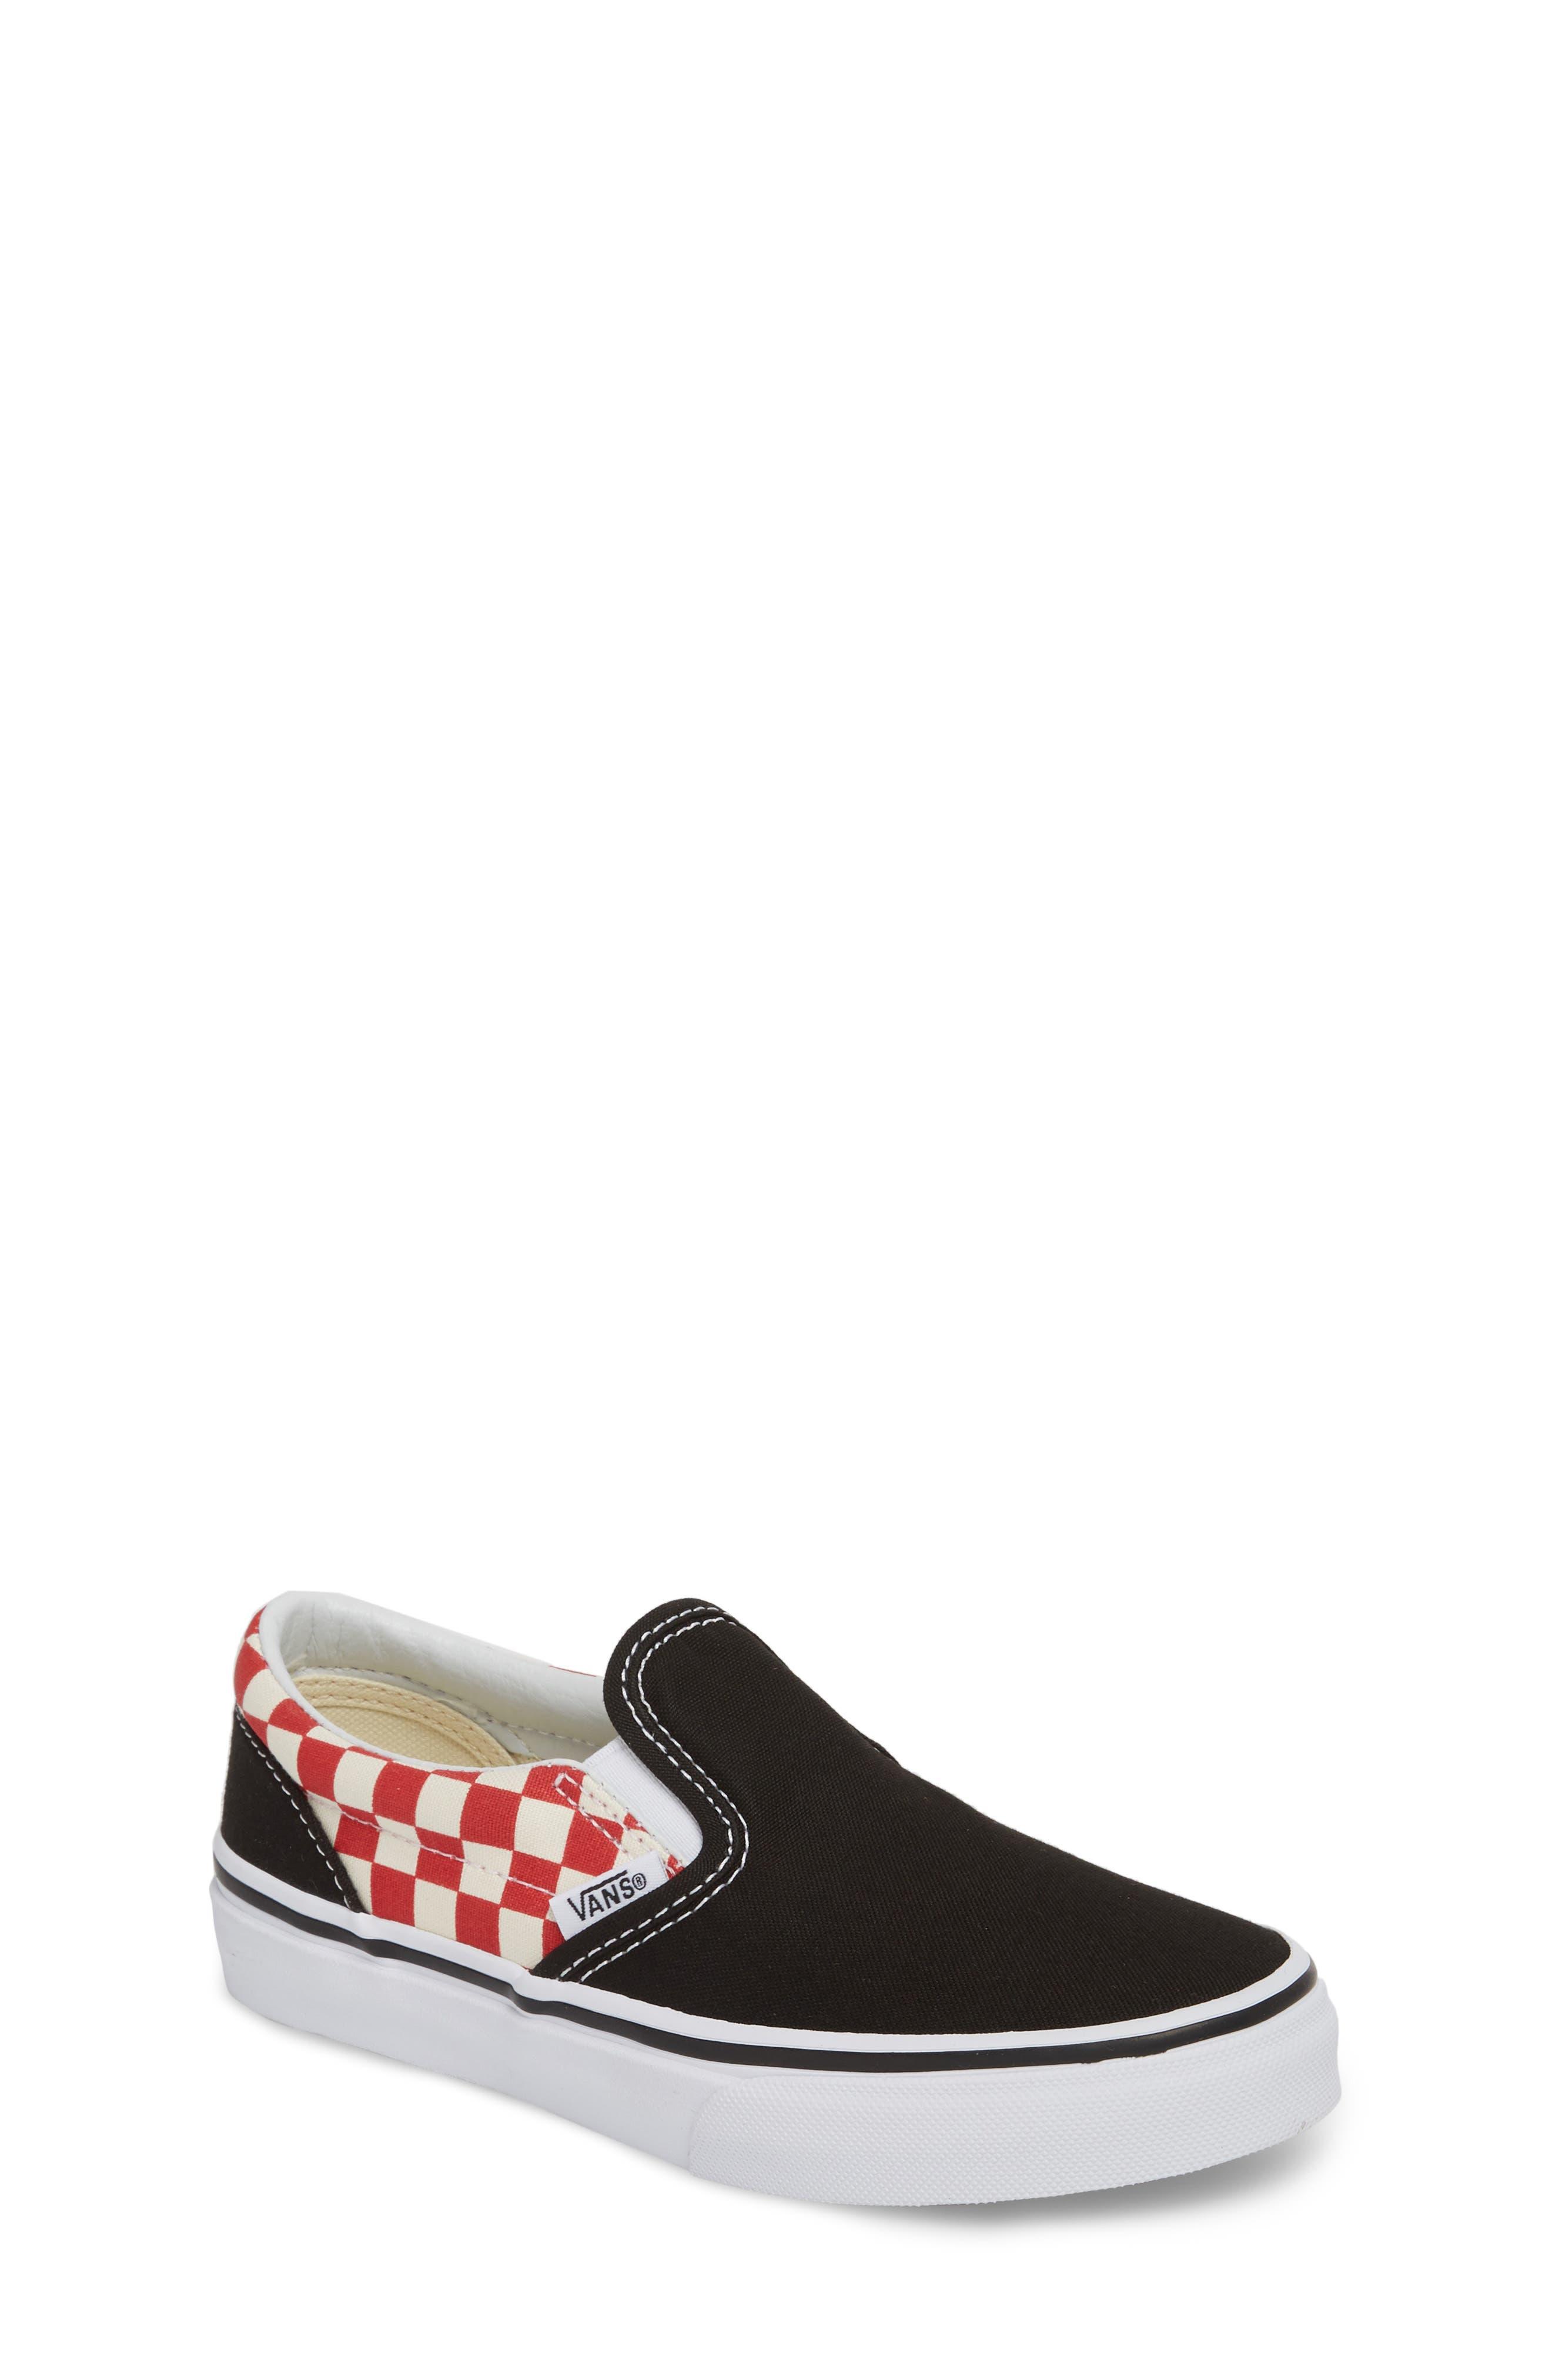 Main Image - Vans 'Classic - Checker' Slip-On (Toddler, Little Kid & Big Kid)